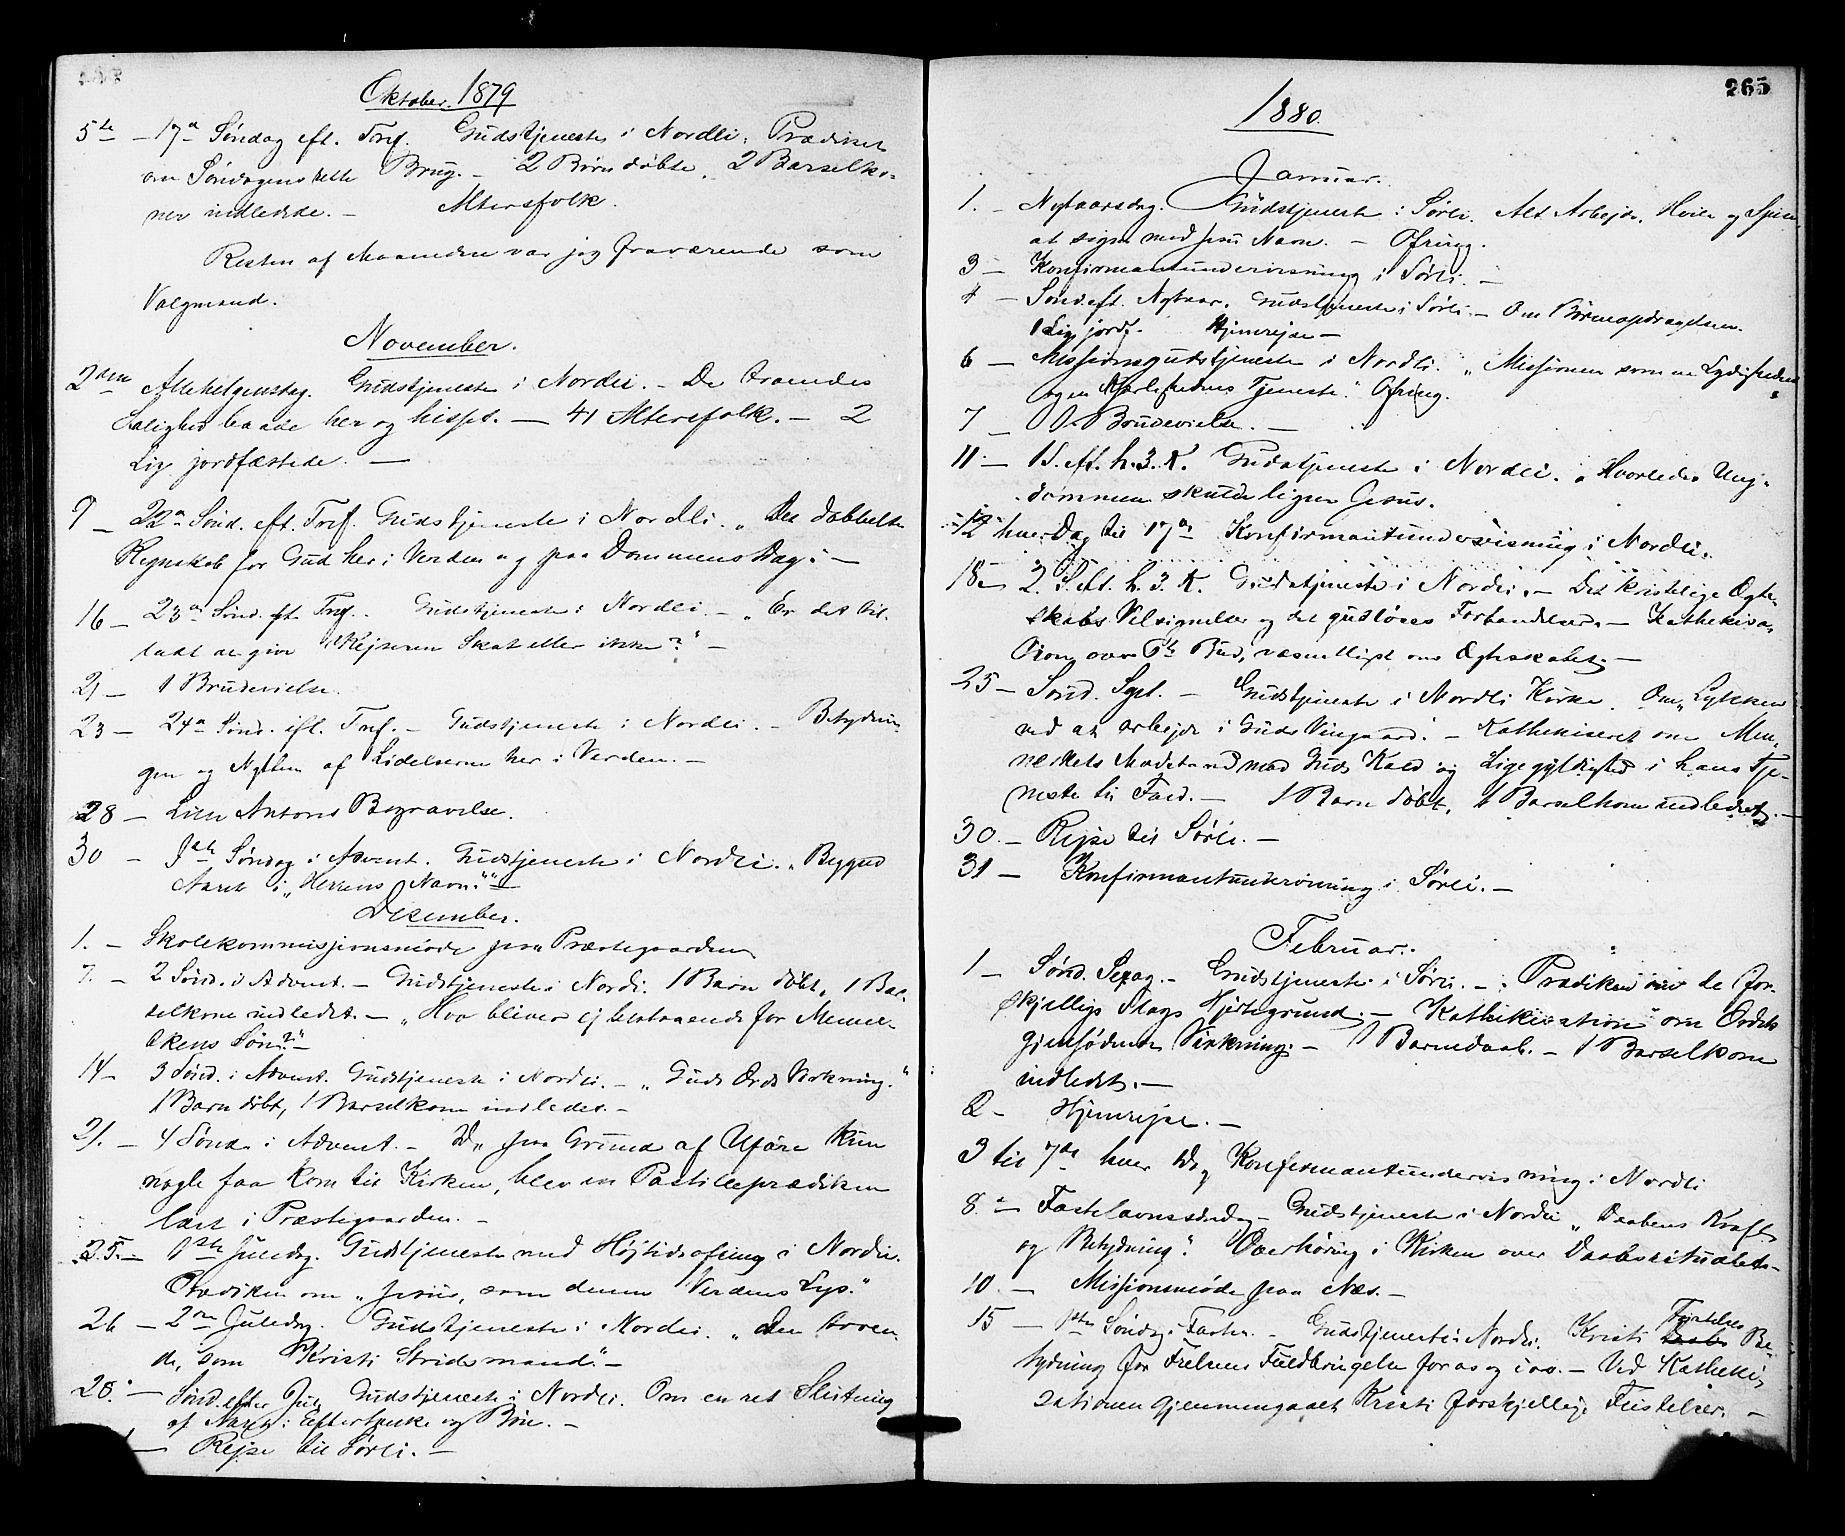 SAT, Ministerialprotokoller, klokkerbøker og fødselsregistre - Nord-Trøndelag, 755/L0493: Ministerialbok nr. 755A02, 1865-1881, s. 265